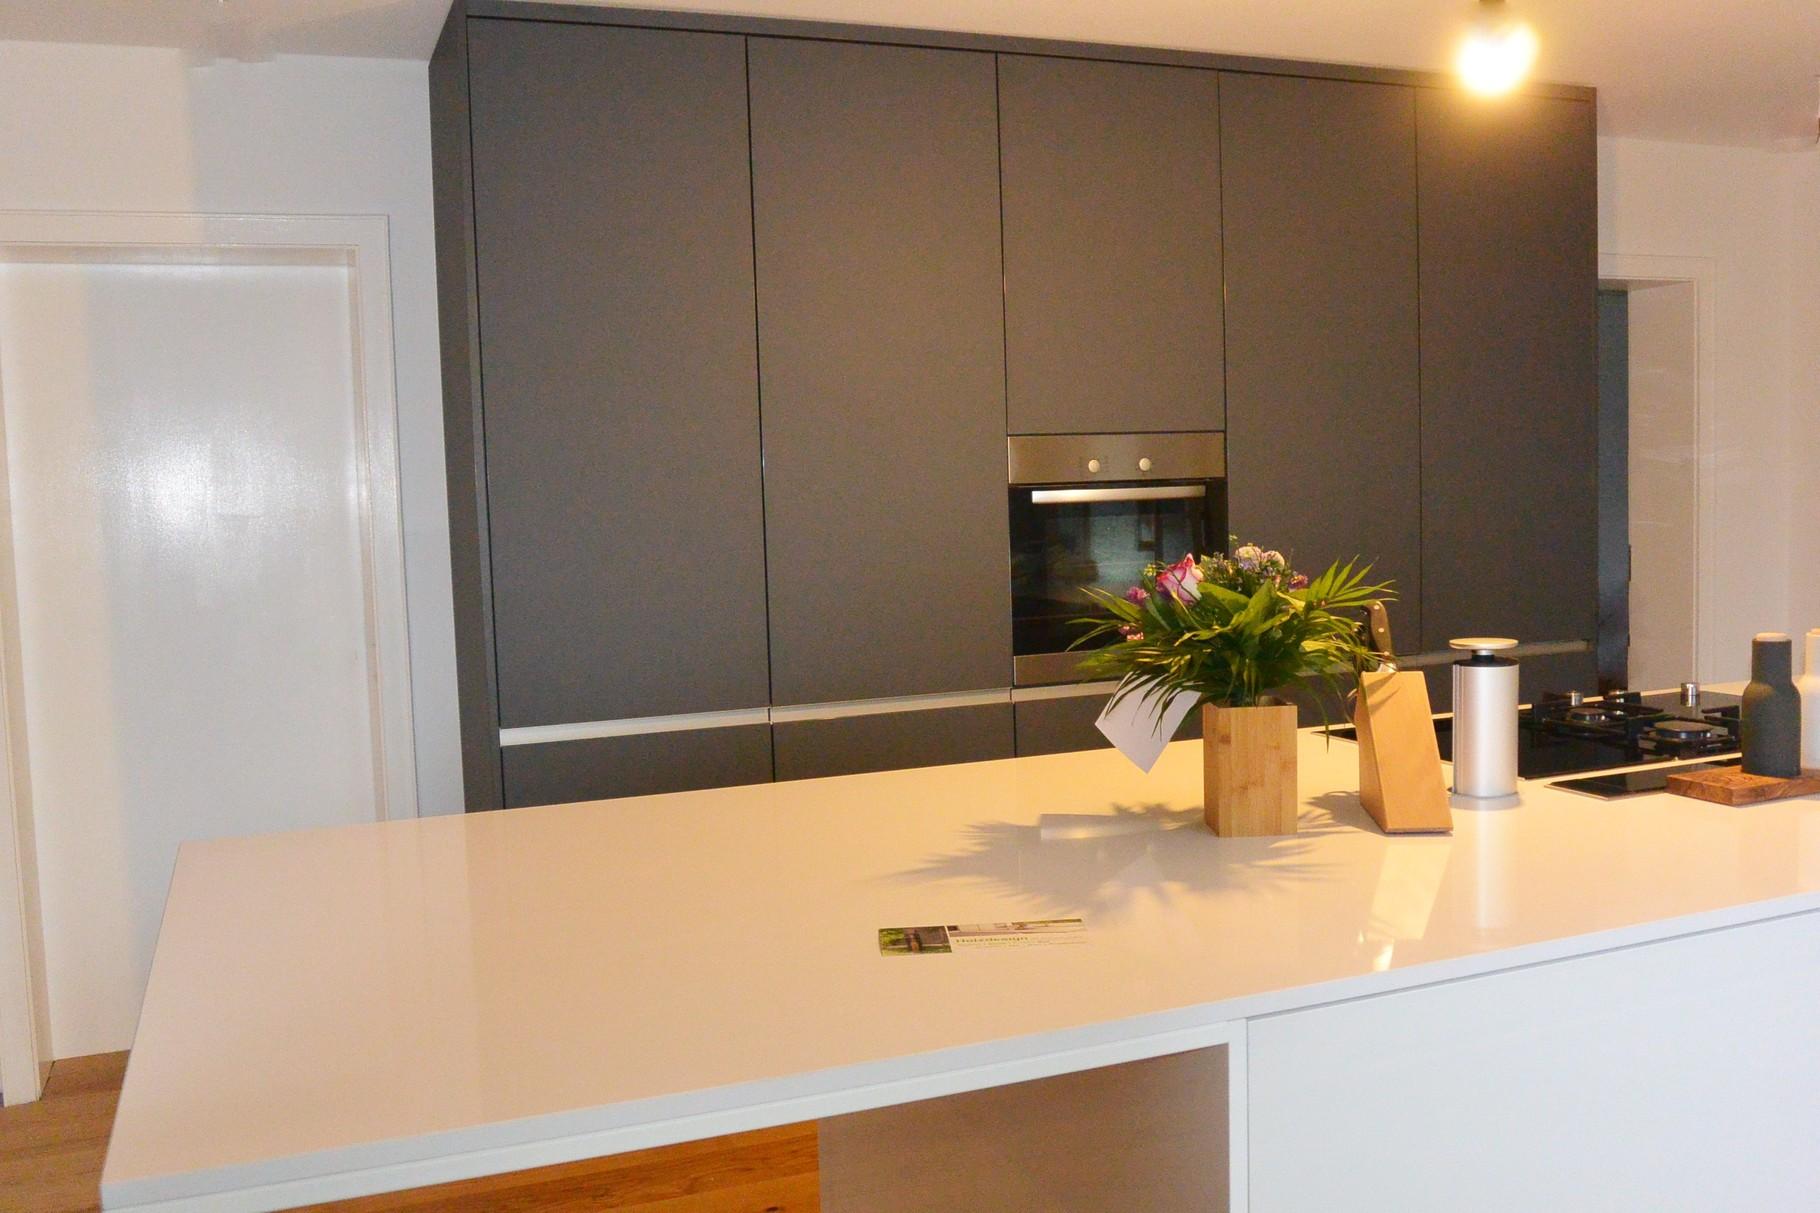 Inselküche mit Silestone Arbeitsplatte in matt anthrazit und Hochganz weiß